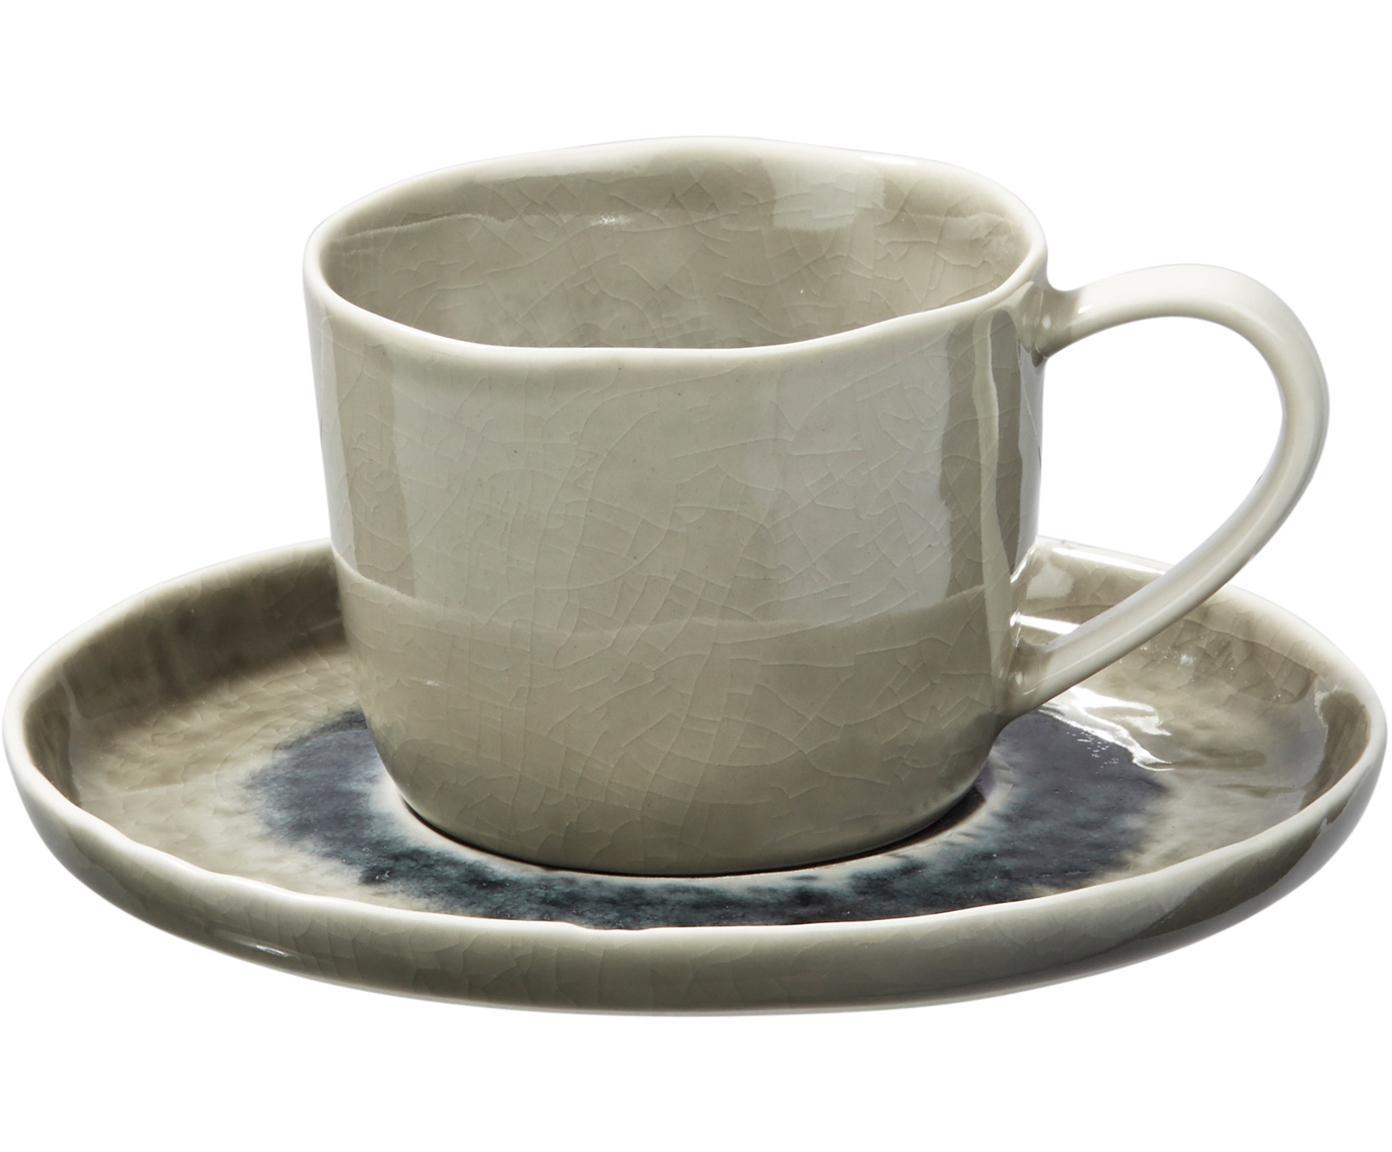 Set de tazas Porcelino Sea, 12pzas., Porcelana, Gris verdoso, beige, gris oscuro, Ø 15 x Al 8 cm